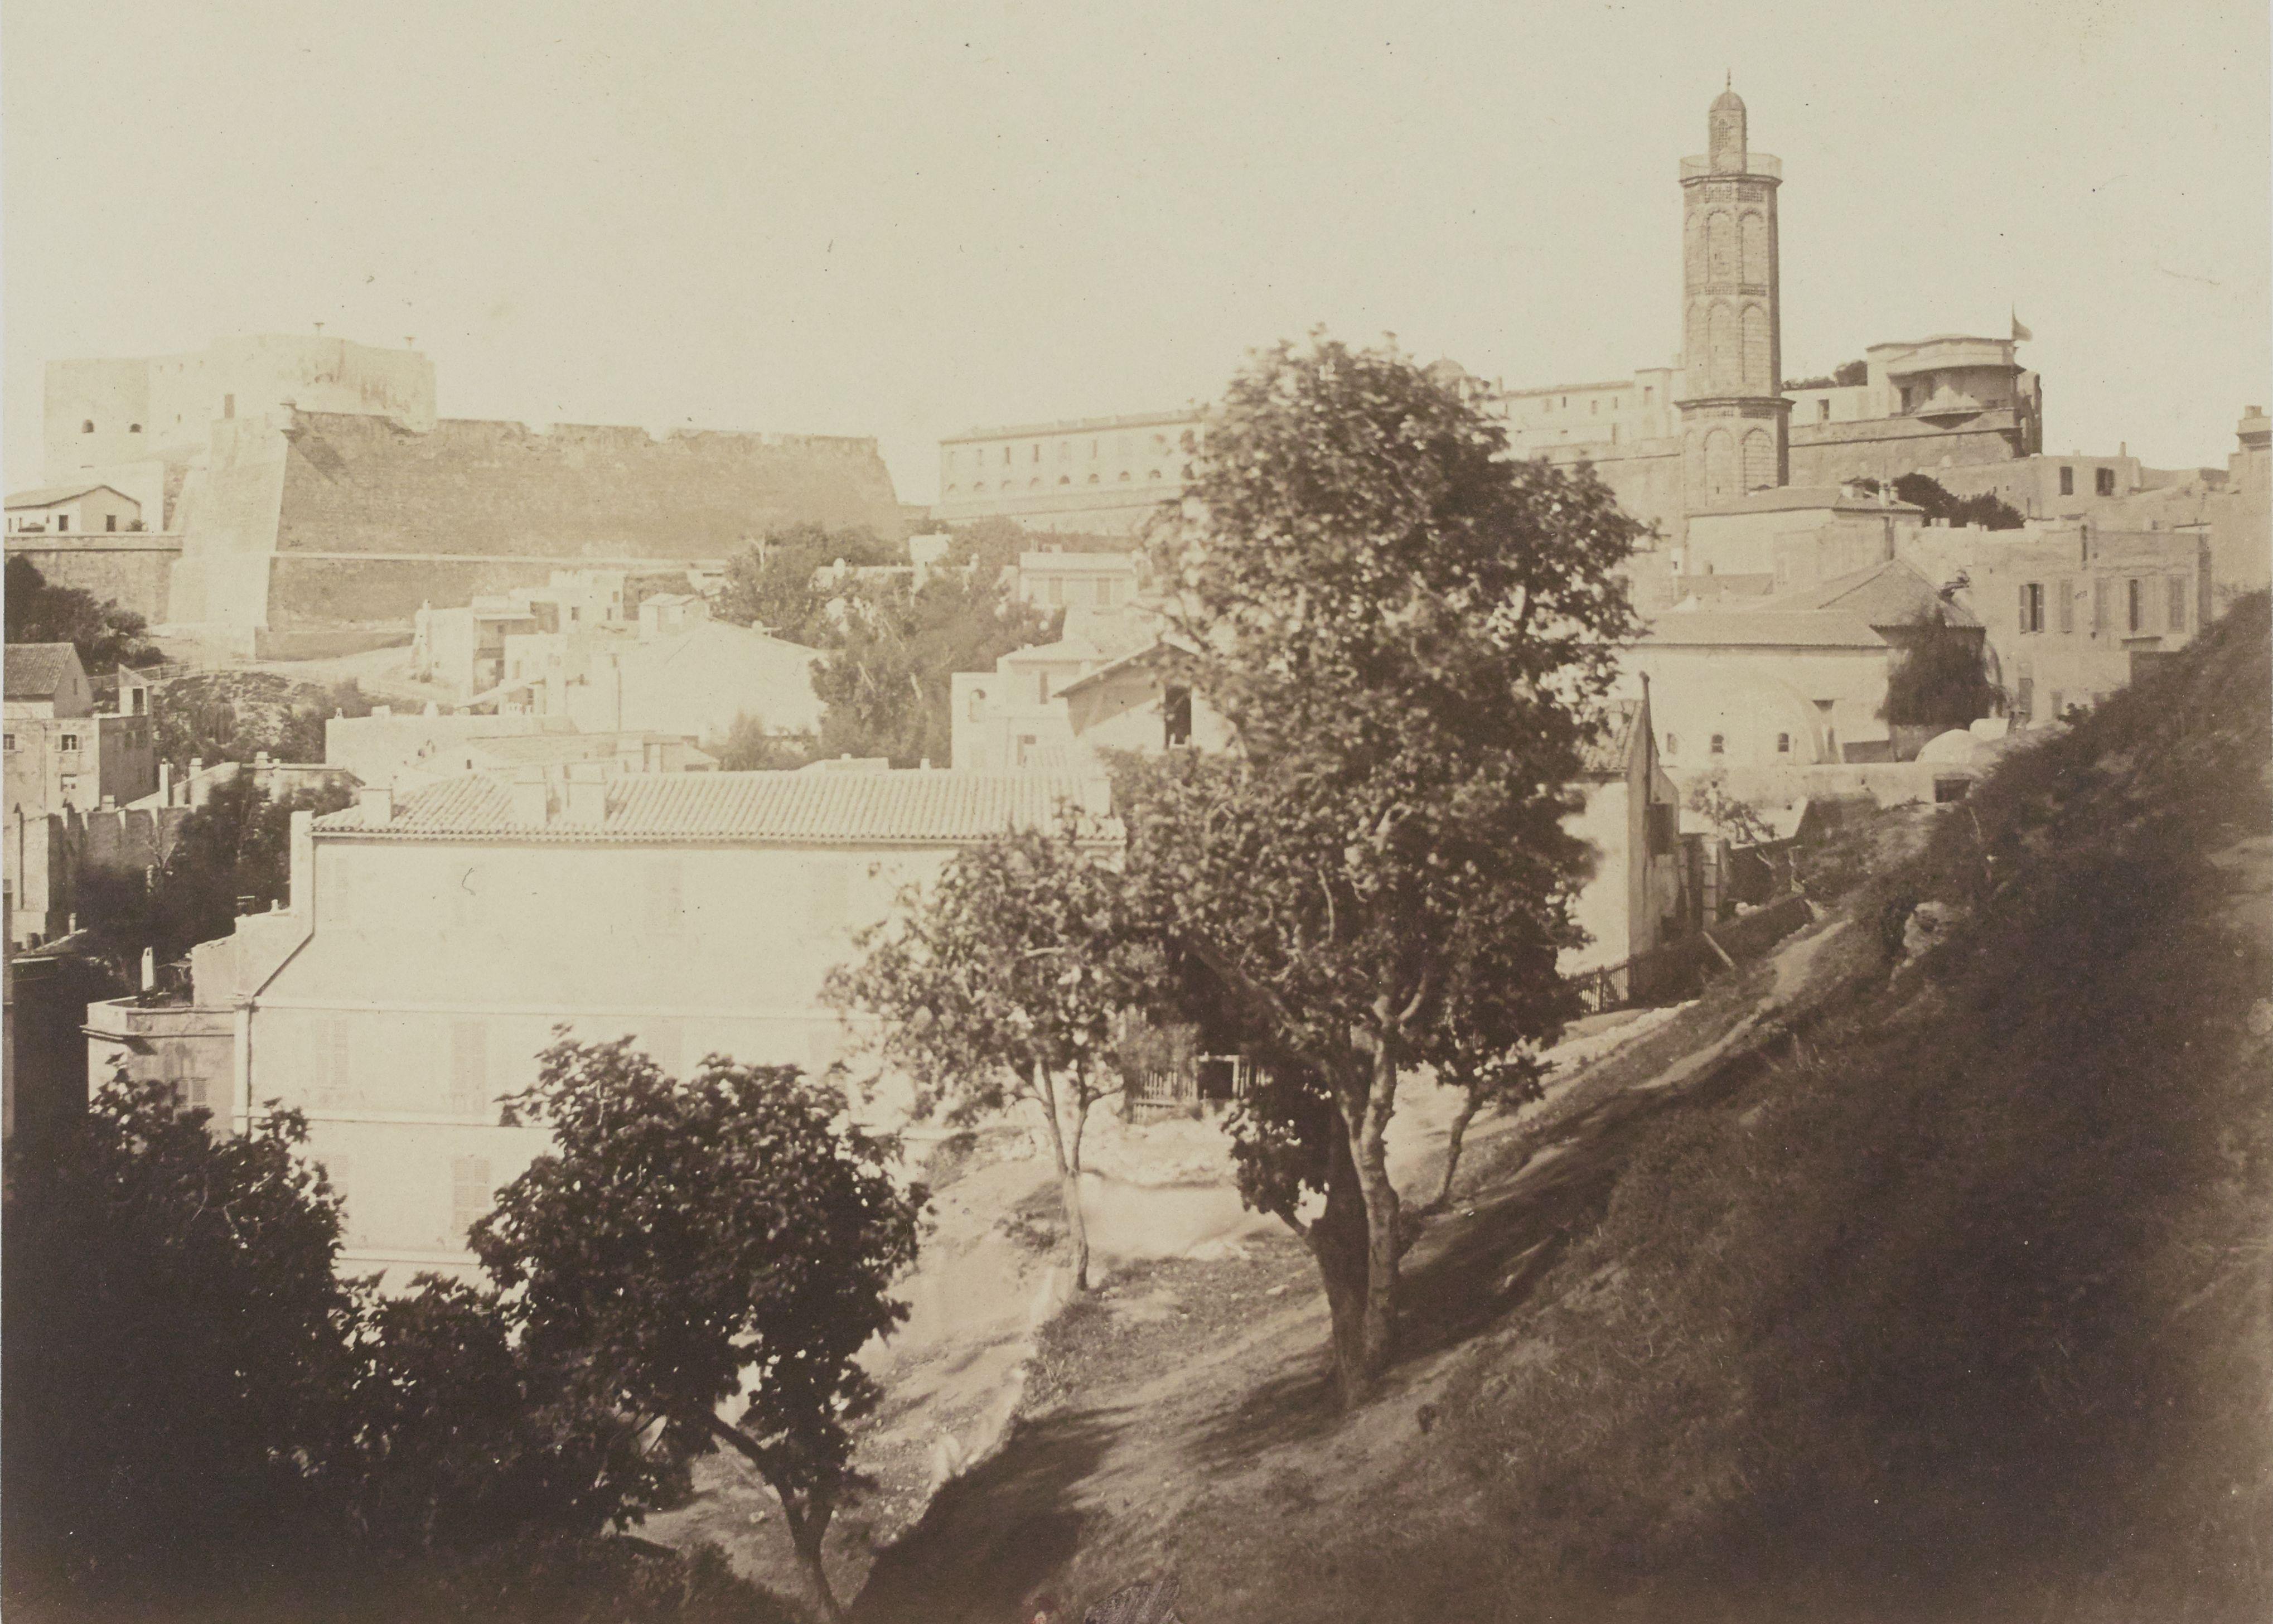 24. Мечеть Абд аль-Хамида Бен Бадиса или Великая мечеть и Новый замок (Оран)